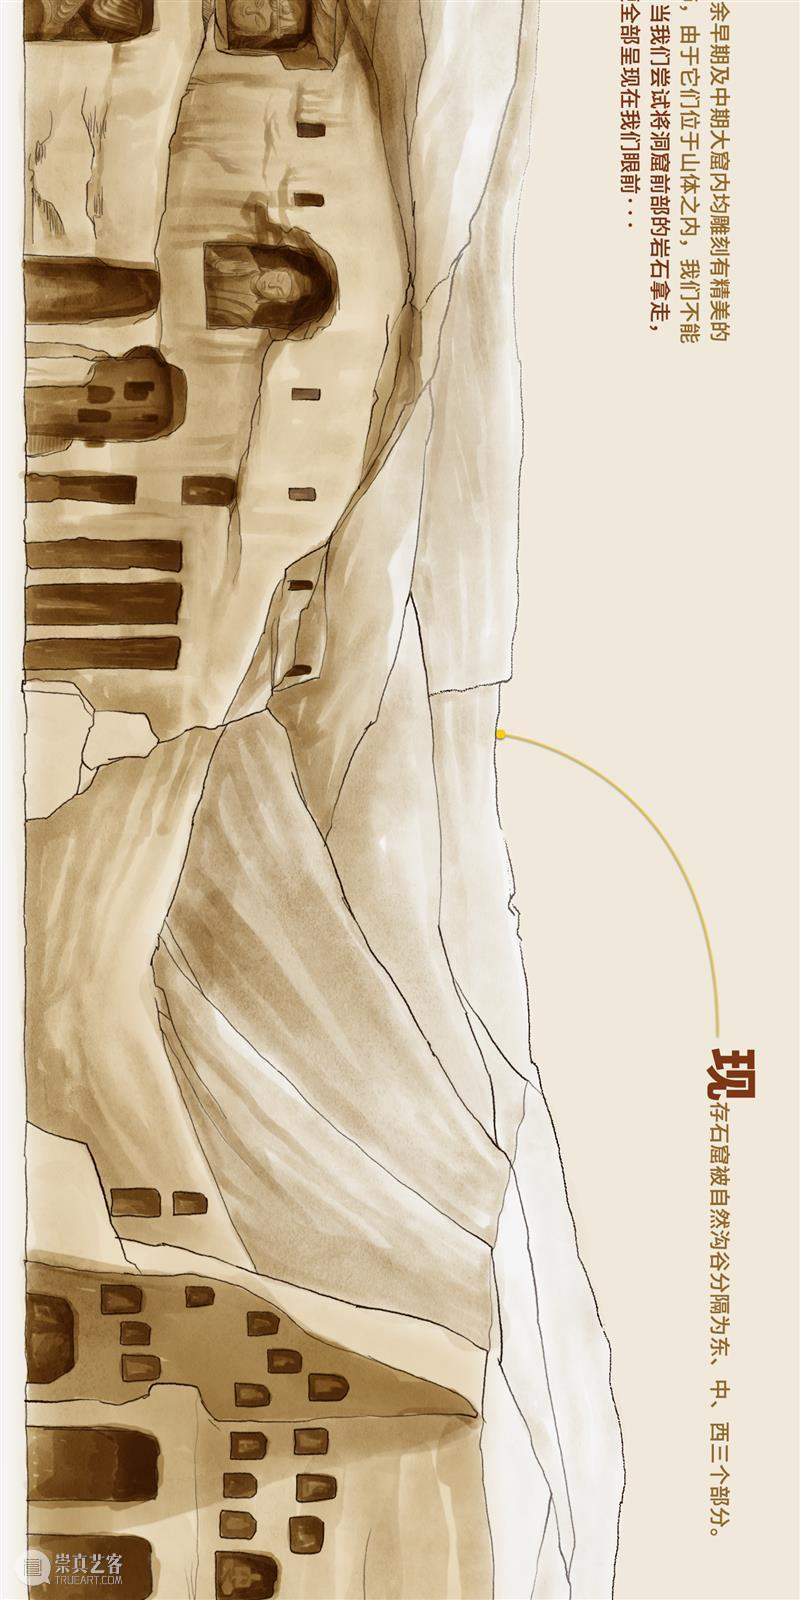 云冈石窟,是如何开凿的? 云冈石窟 中国 木头 宫殿 庙宇 日常生活 大火 木结构 灰烬 中国建筑 崇真艺客